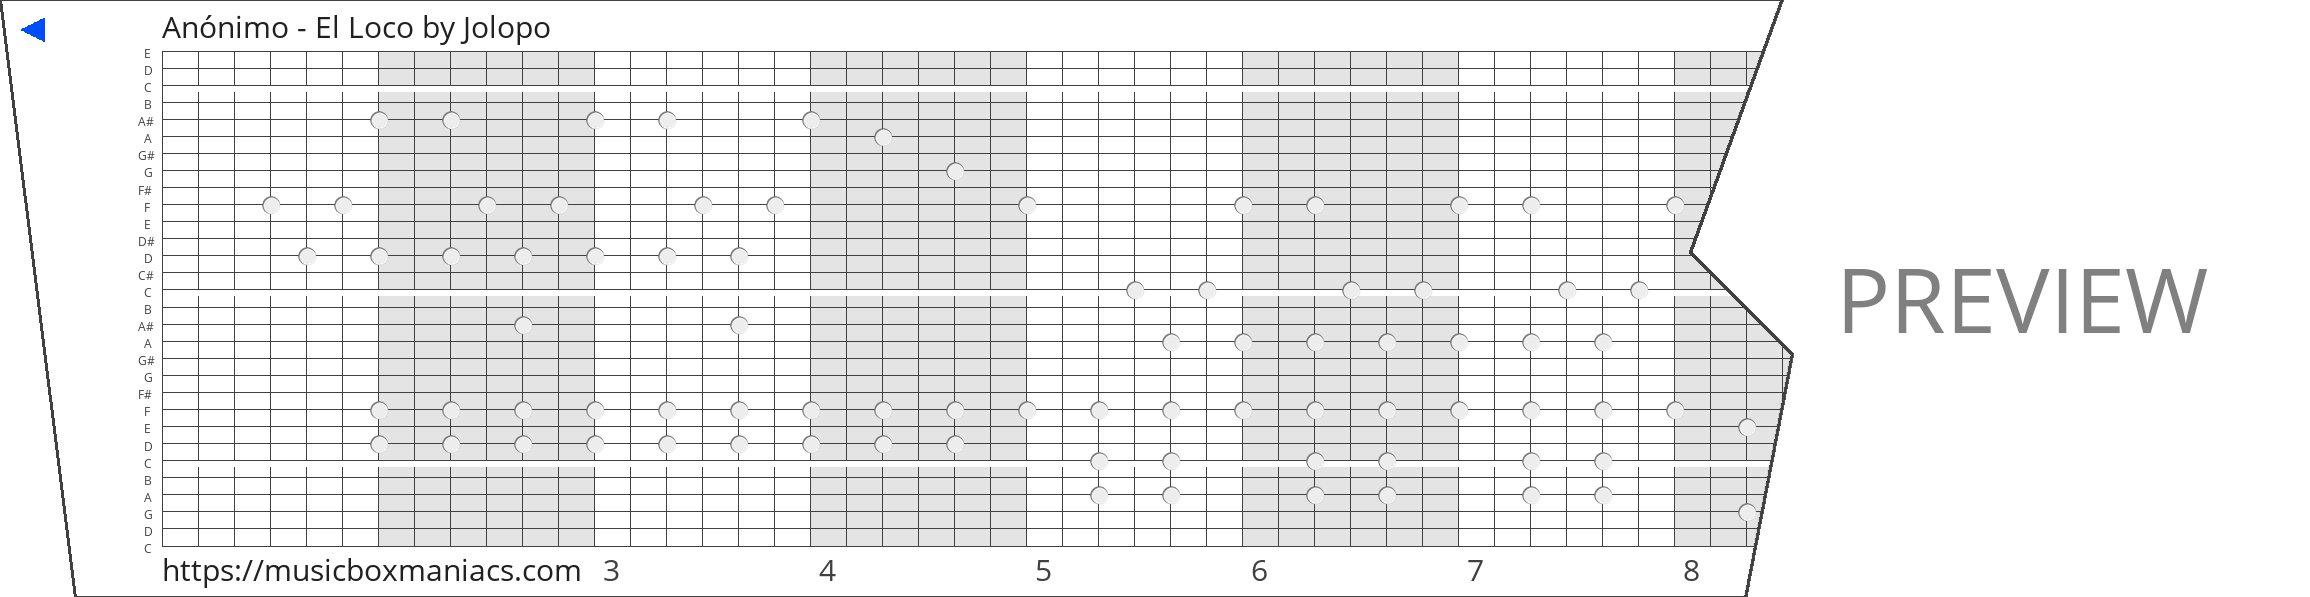 Anónimo - El Loco 30 note music box paper strip